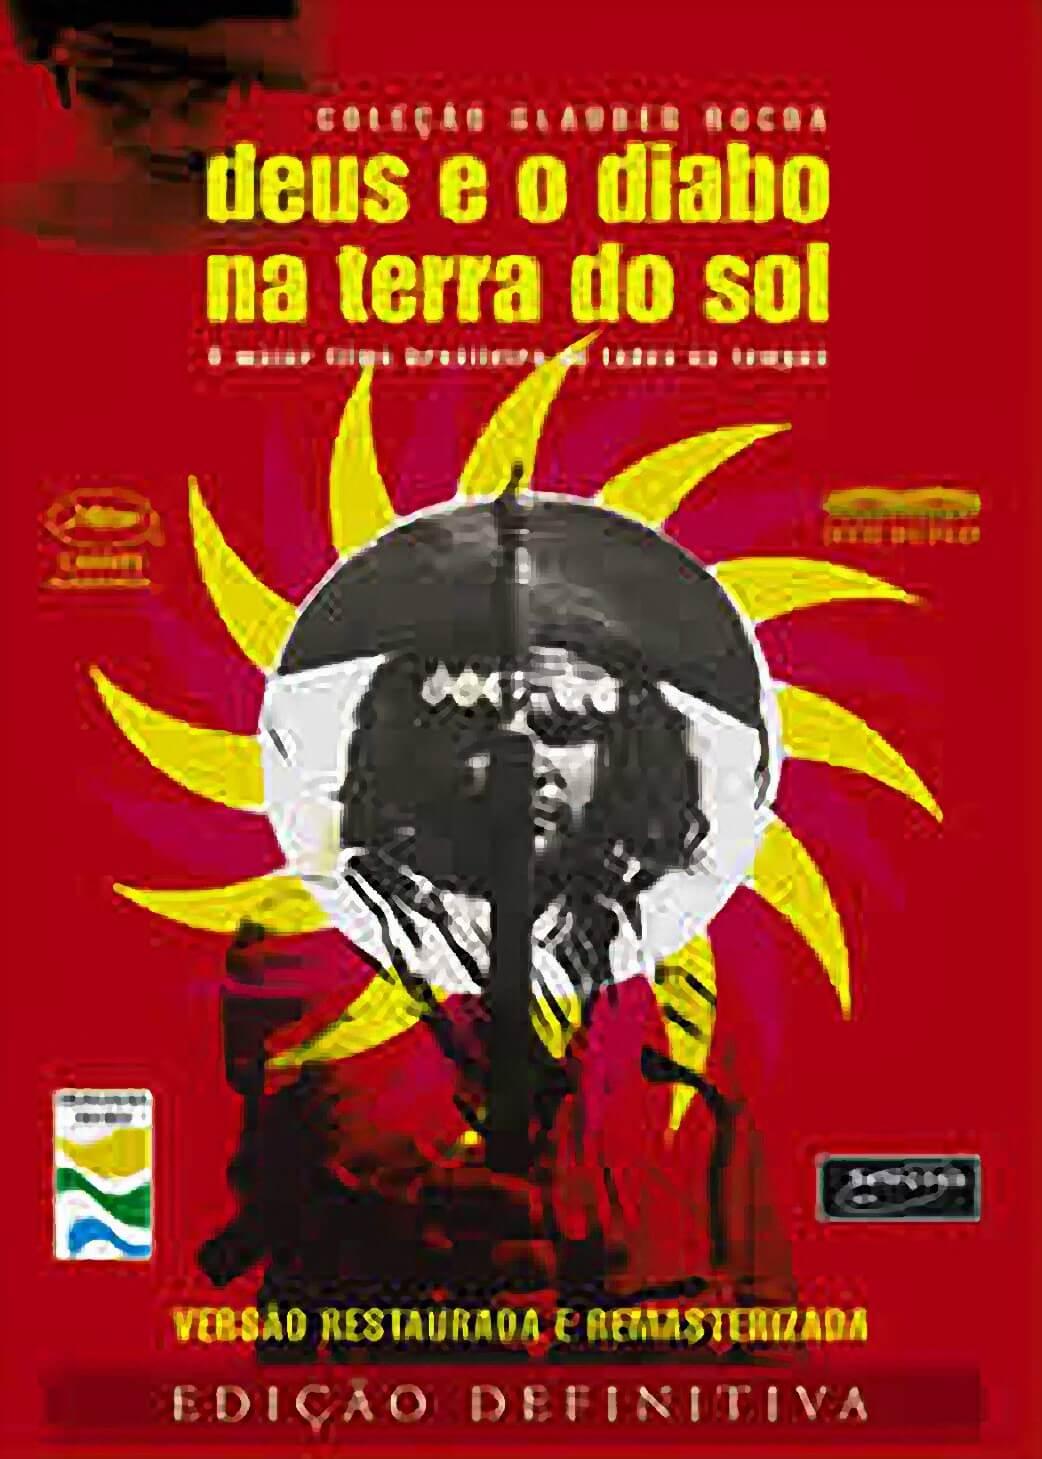 Cartaz de Deus e o Diabo na Terra do Sol, Glauber Rocha